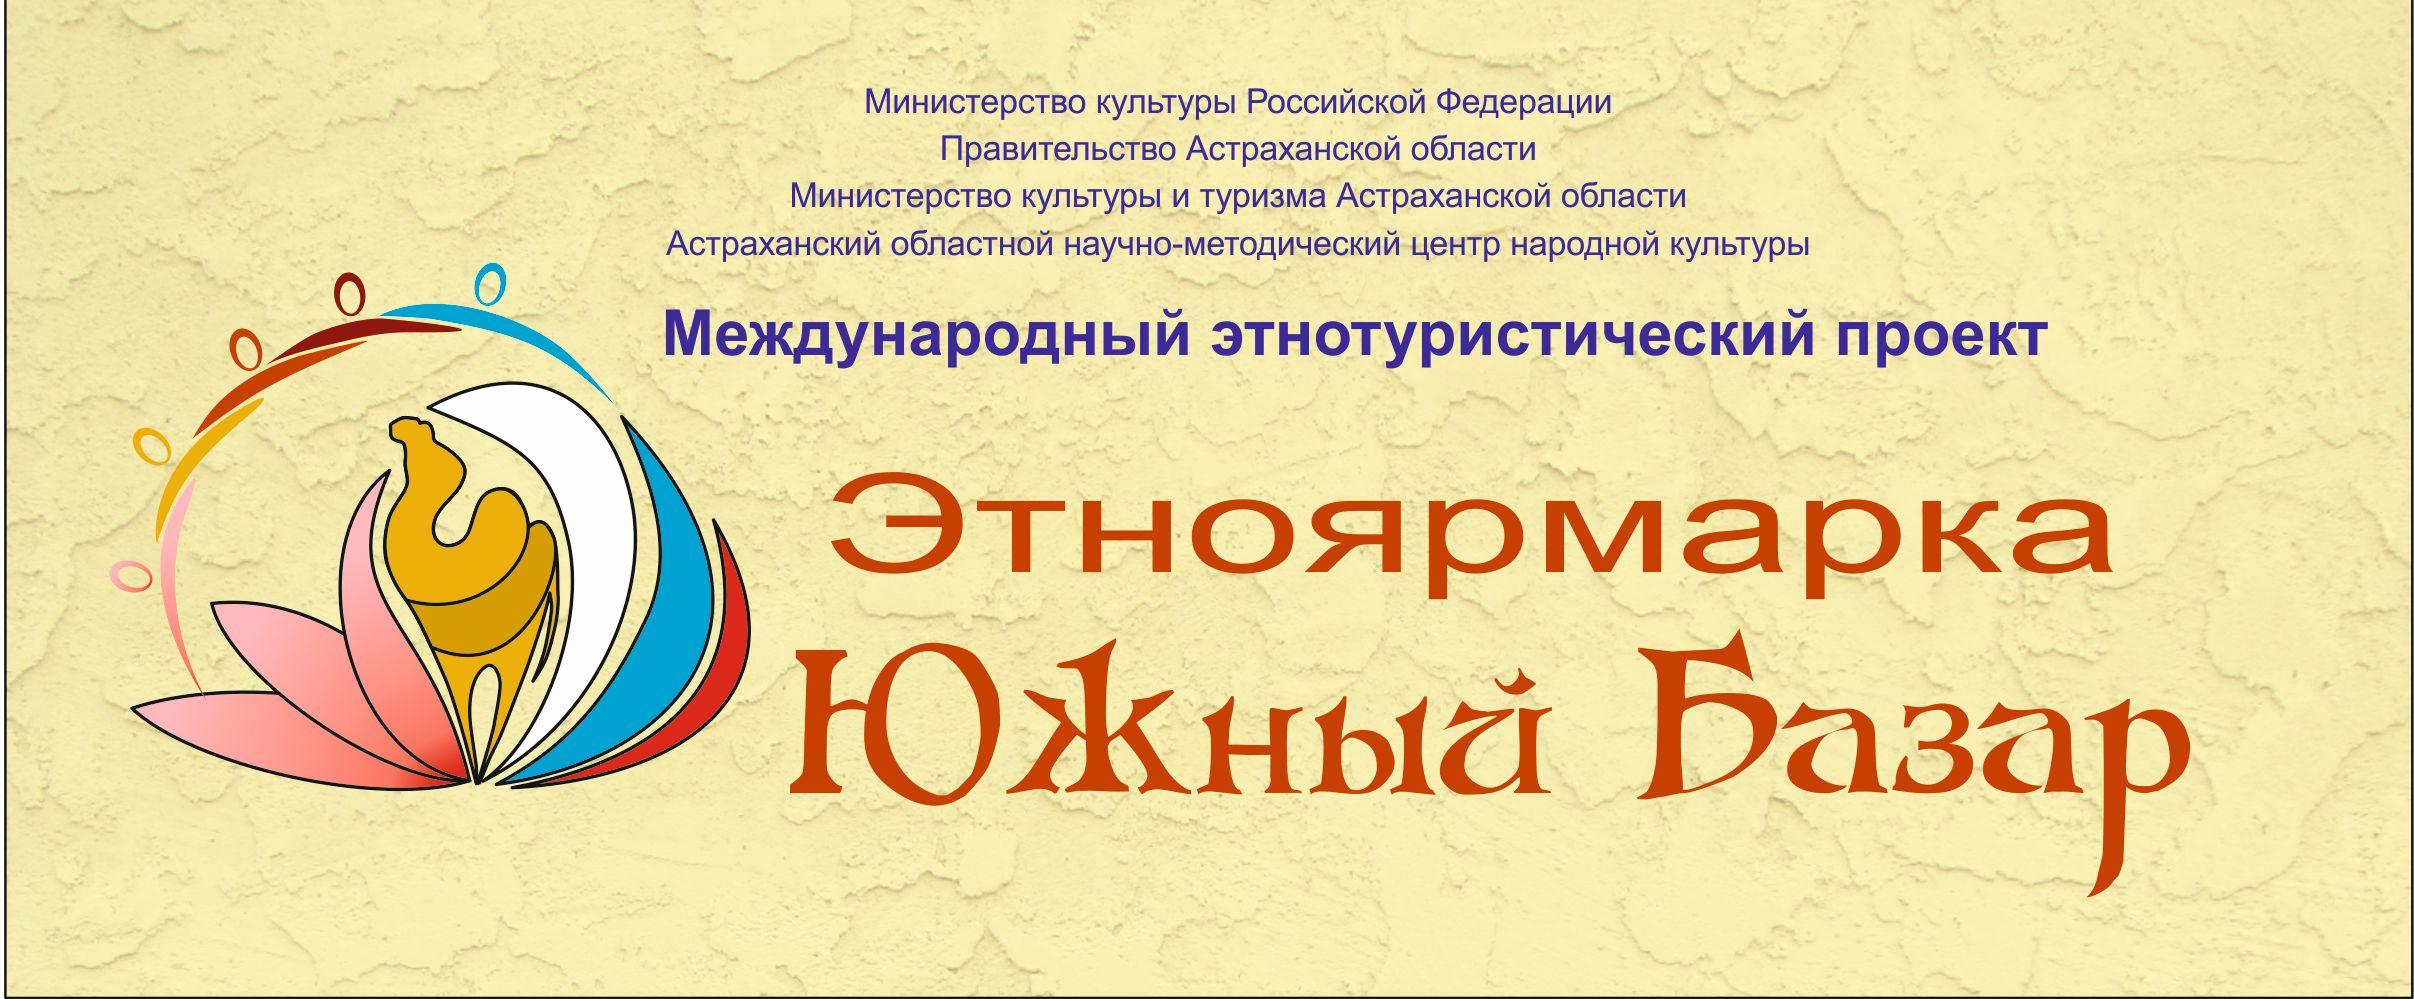 В Астрахани пройдет международный этнотуристический проект «Этноярмарка. Южный базар»